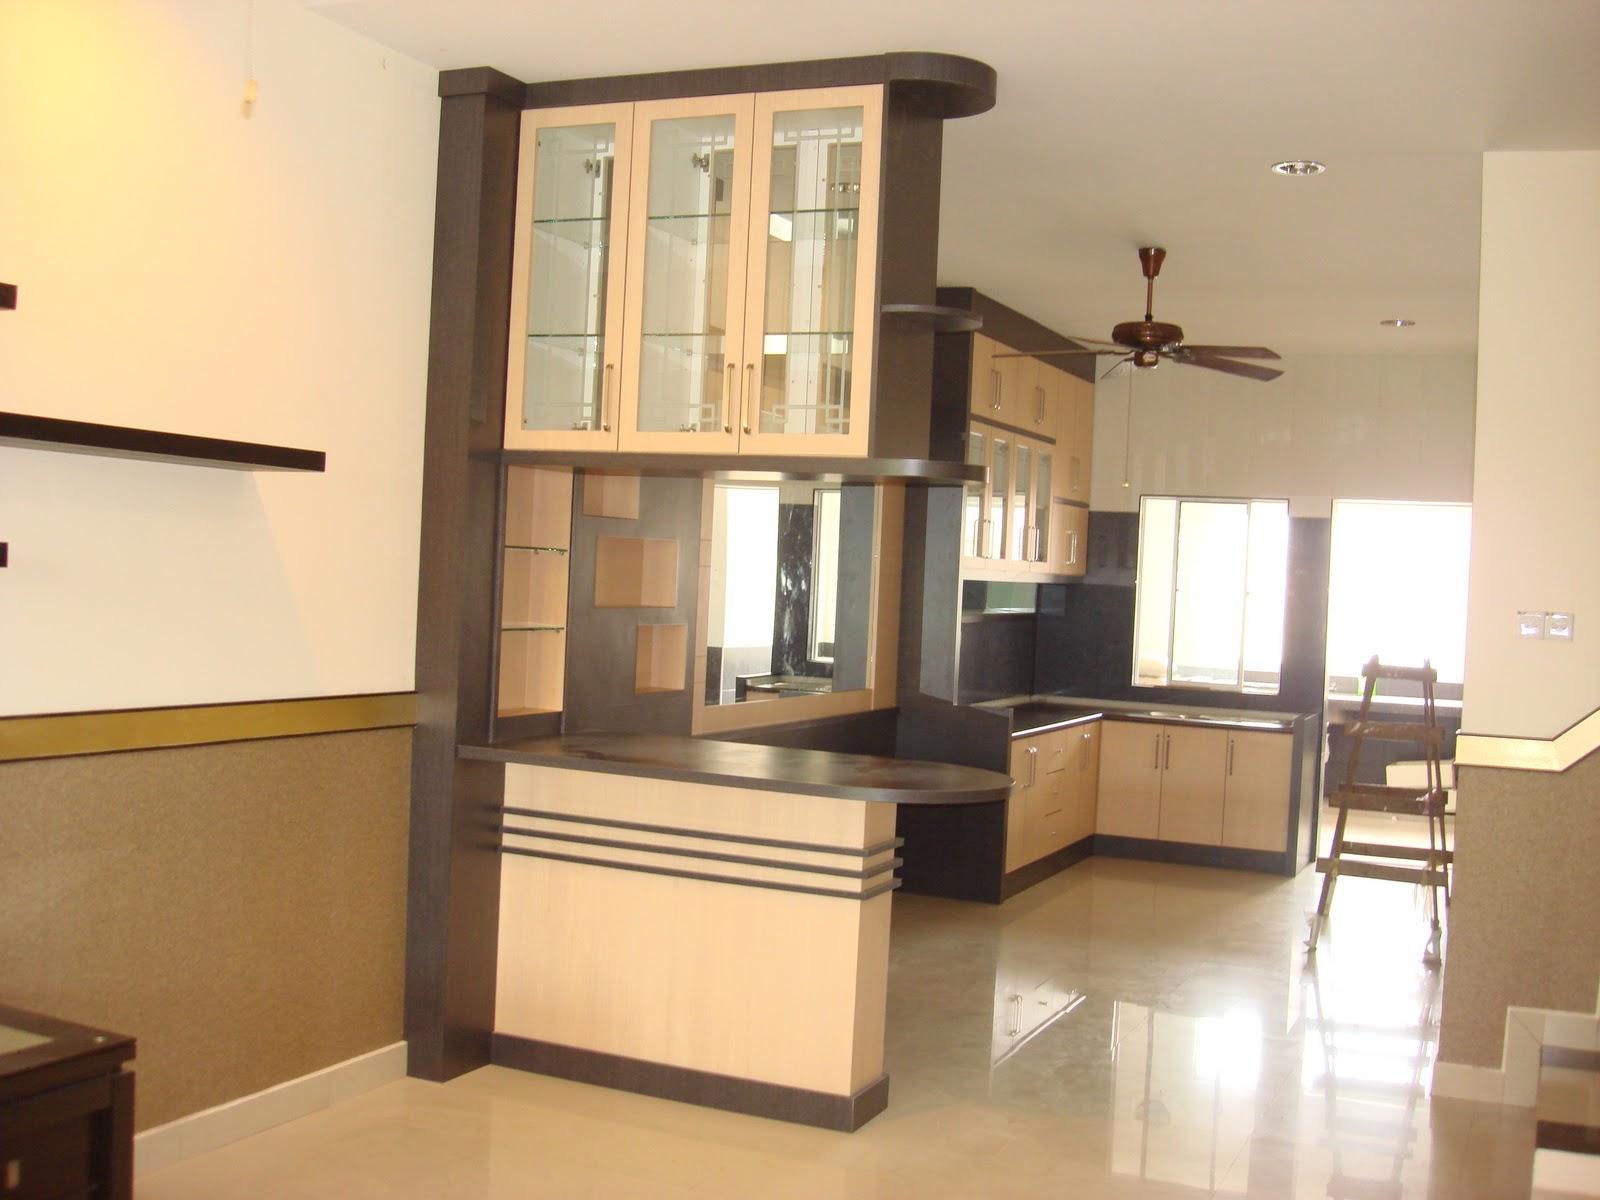 Separator Between Kitchen And Living Room Novocom Top